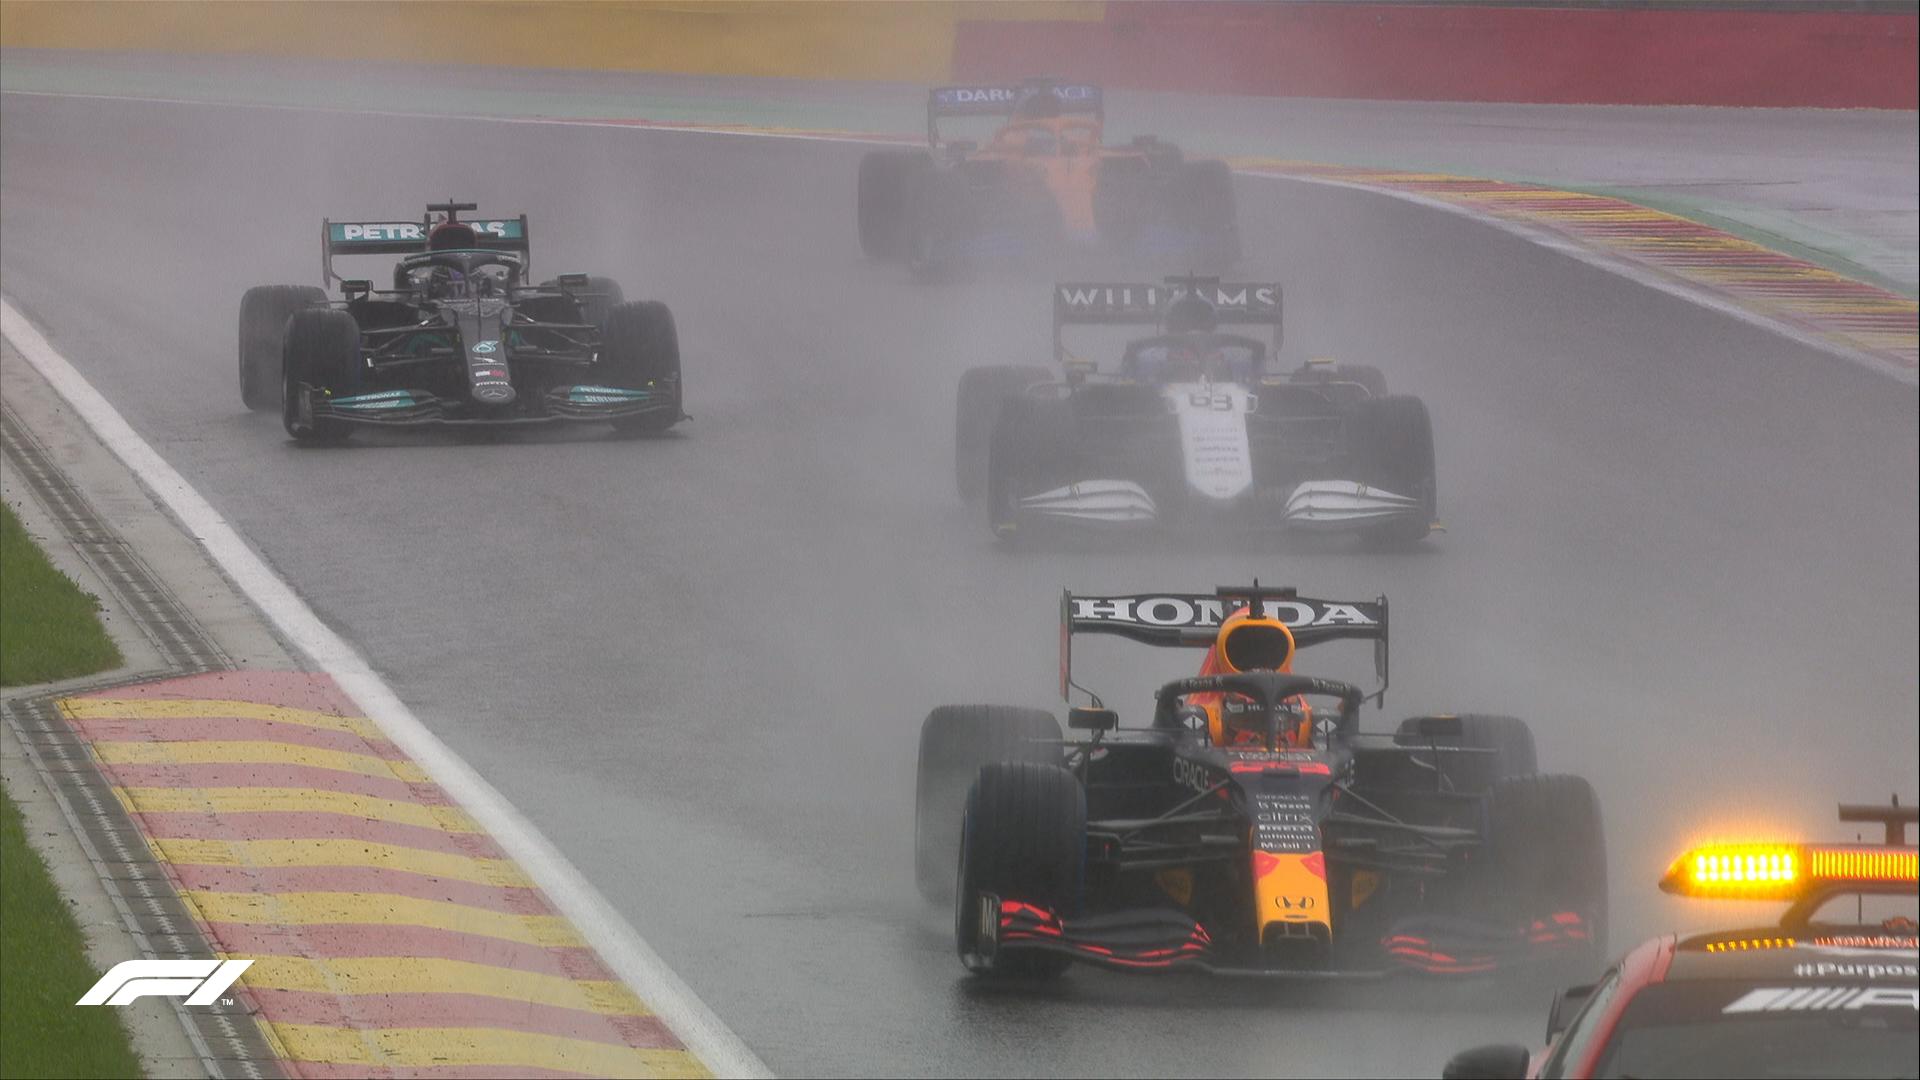 Tầm nhìn hạn chế vì mưa lớn tại Spa-Francochamps khiến các tay đua phải chạy theo xe an toàn ở vòng đua đầu. Ảnh: F1